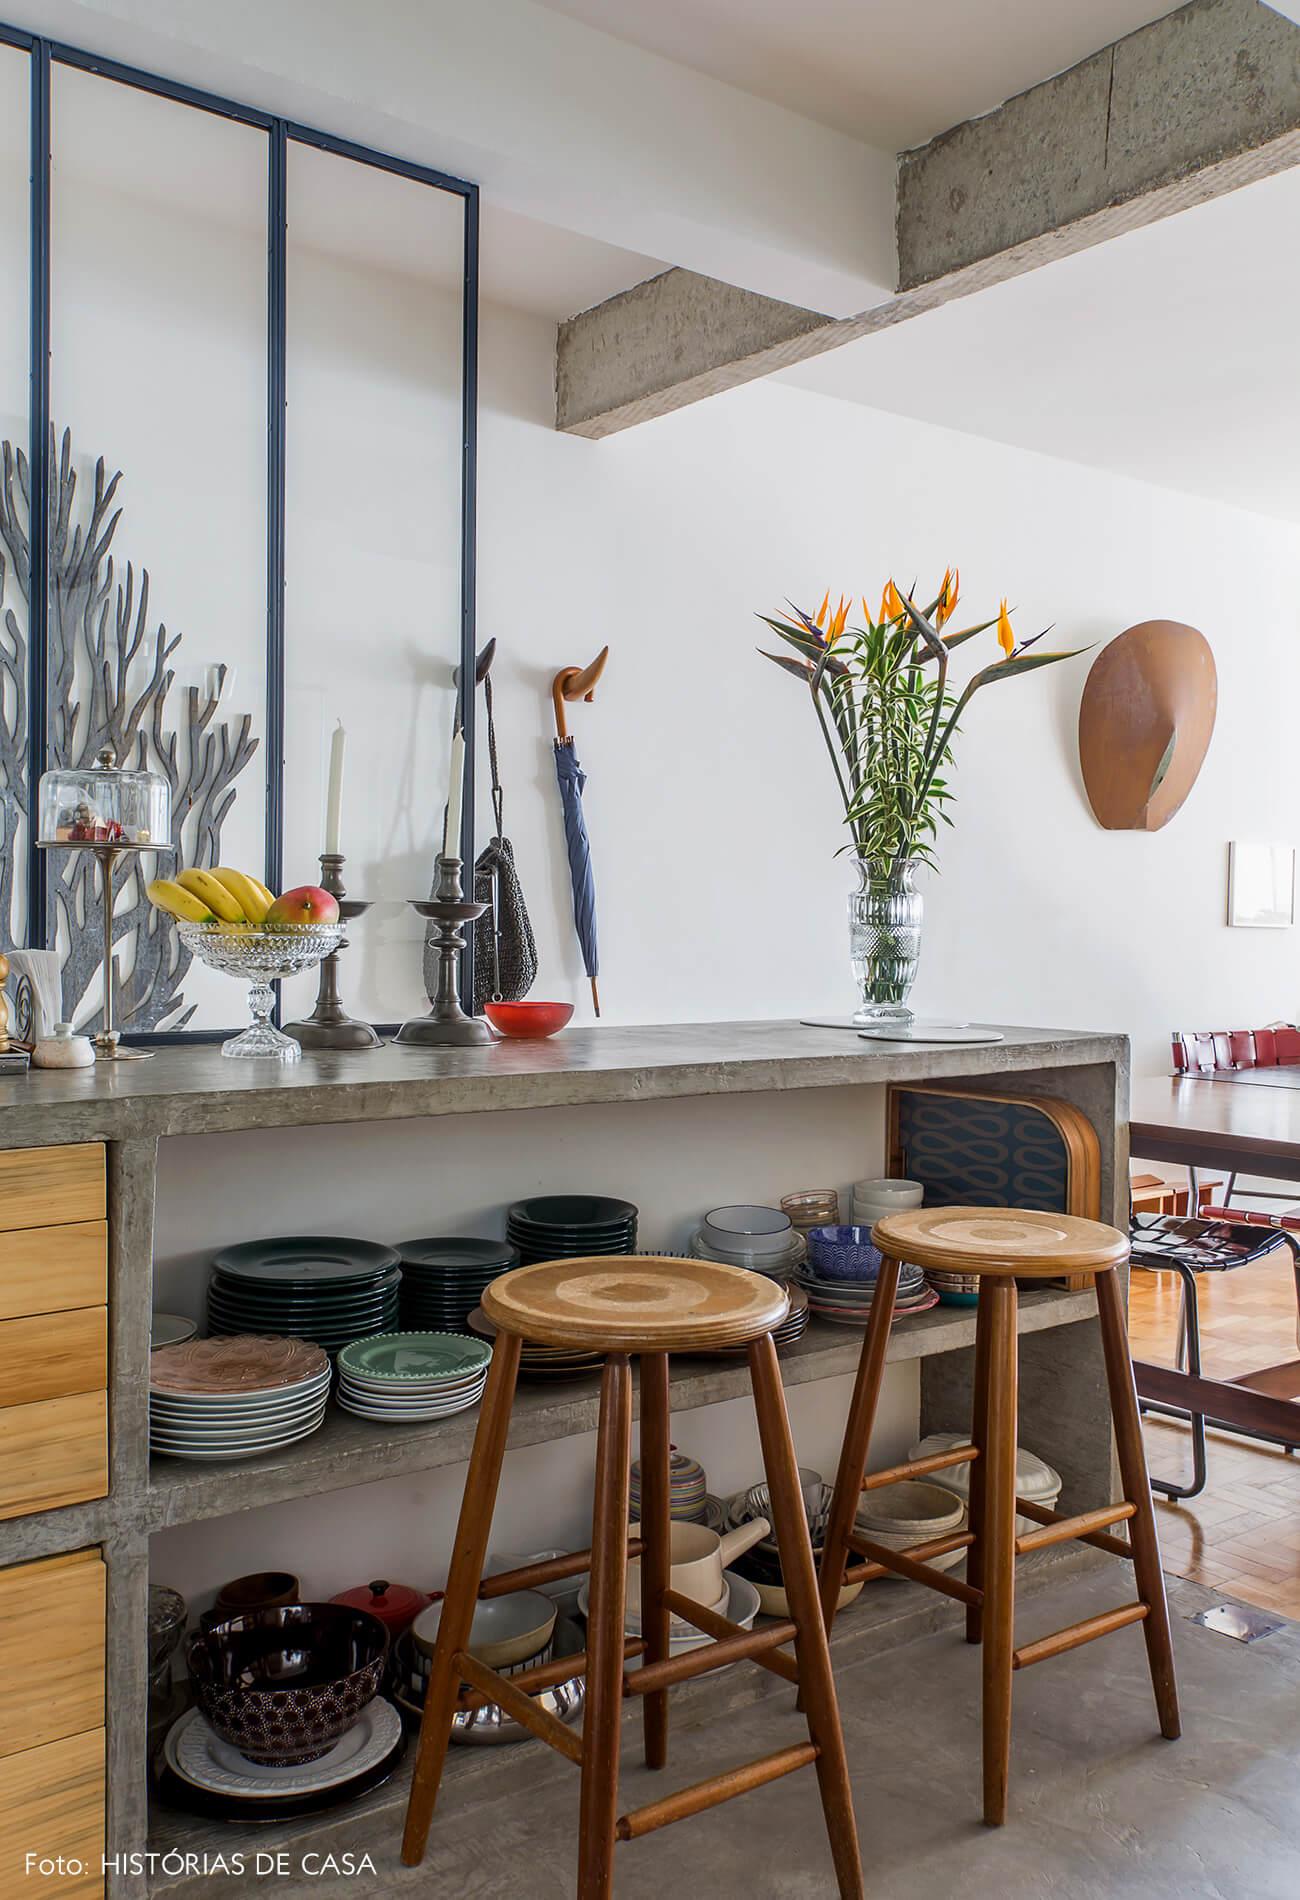 Cozinha com bancada de concreto e louças à mostra